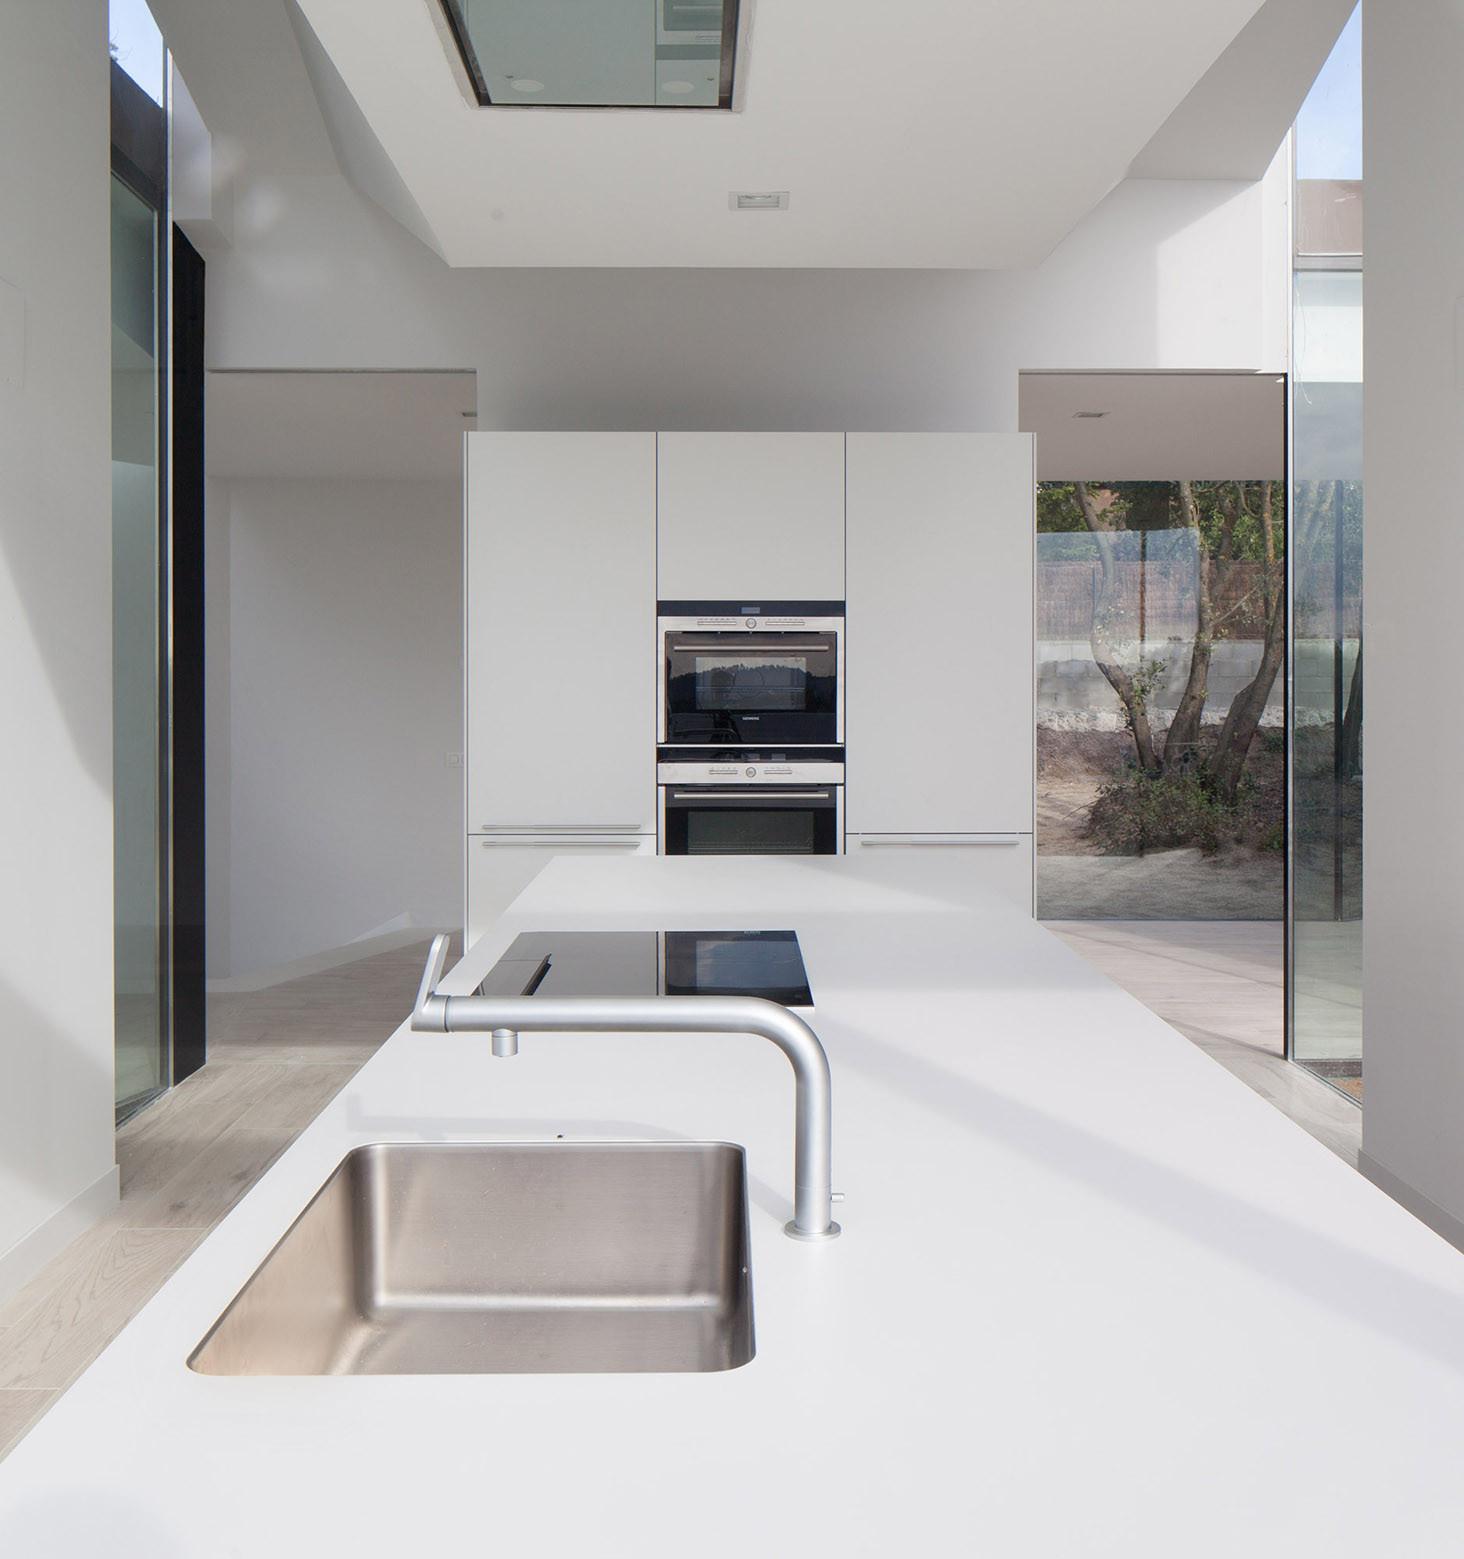 631 - Diseño tentacular y luminoso ambiente minimalista en Castellcir, Barcelona